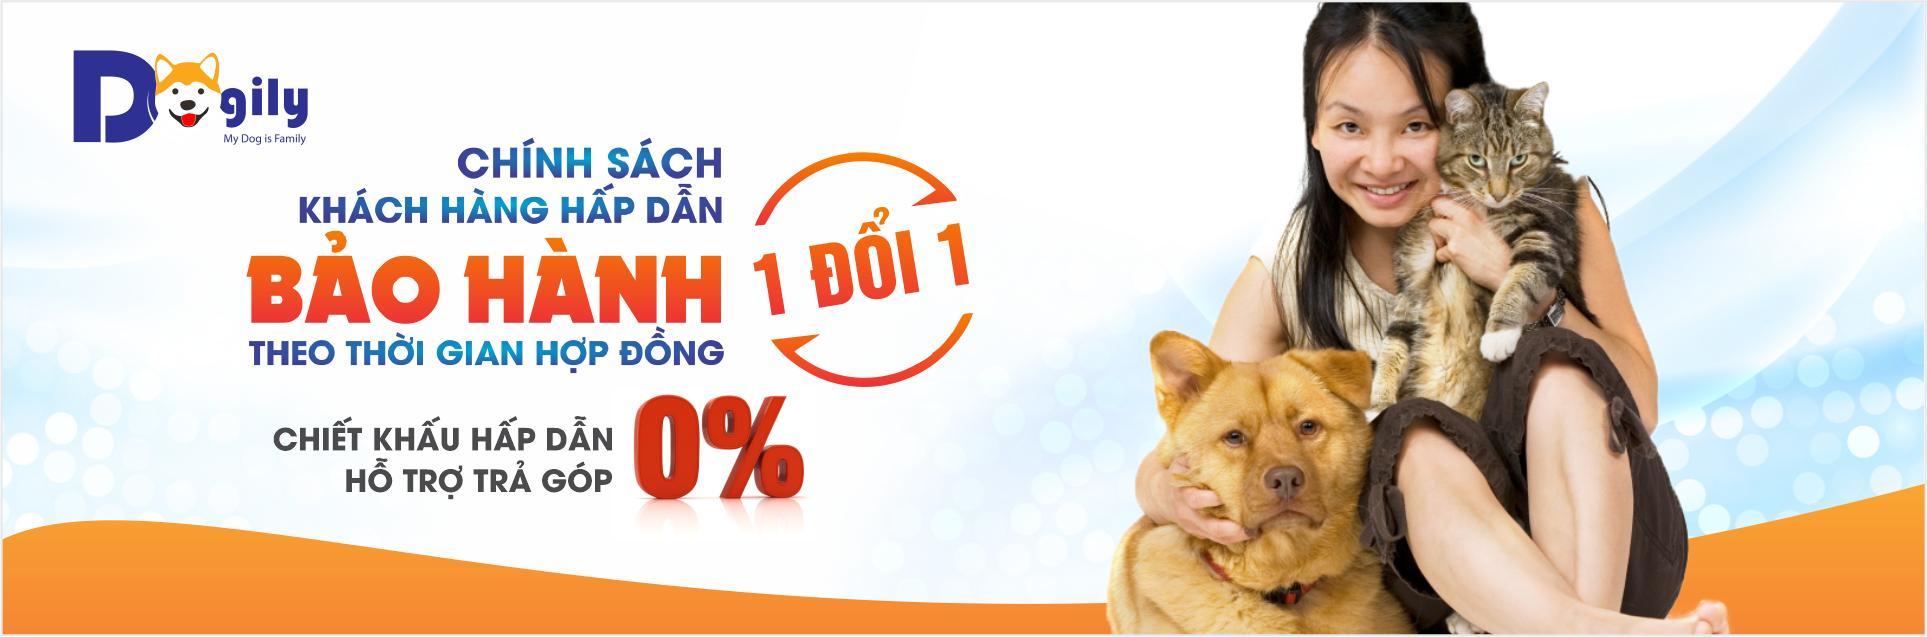 Tại Dogily Petshop, chúng tôi bảo hành sức khỏe 1 đổi 1 trong thời gian hợp đồng và hỗ trợ trả góp lãi suất 0 %, cùng chiết khấu giảm giá và nhiều chương trình khuyến mại hấp dẫn khi mua bán chó Samoyed tại hệ thống các cửa hàng ở Tphcm và Hà nội.